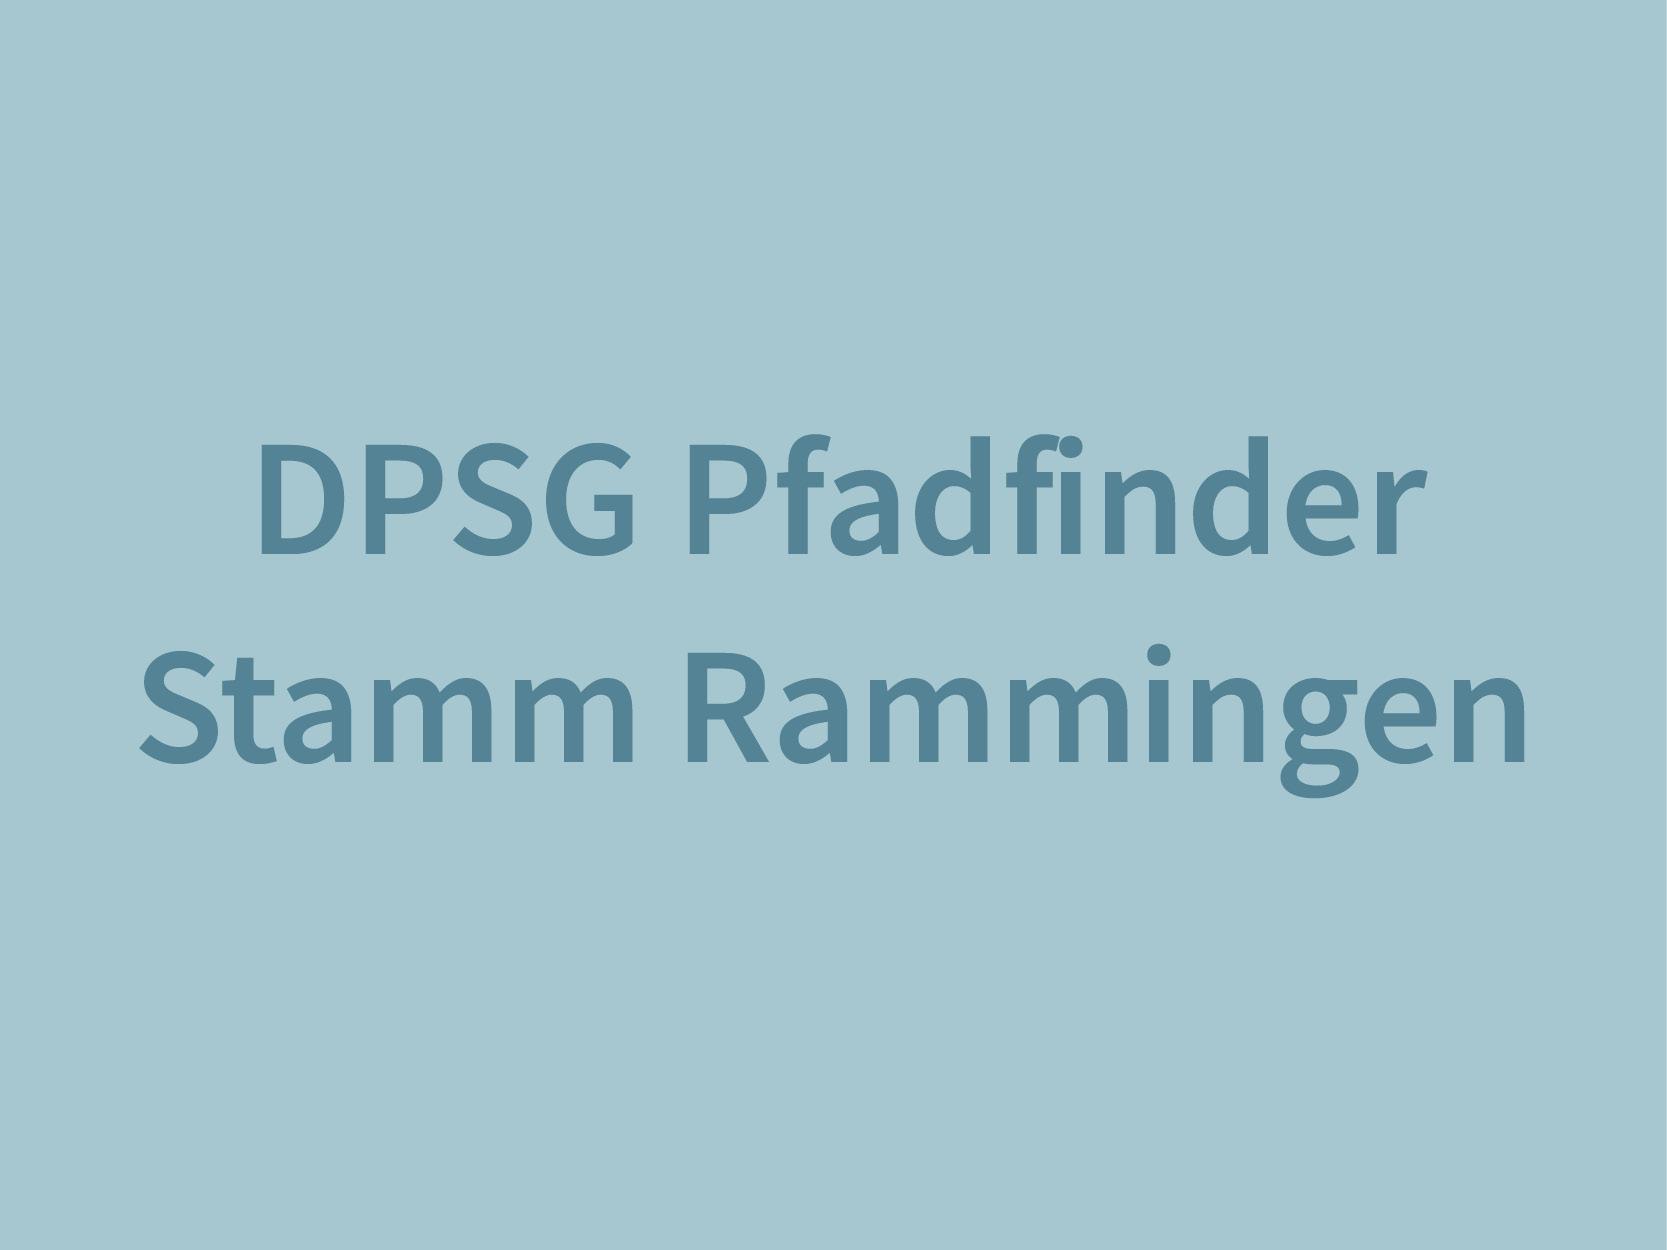 Deutsche Pfadfinder sankt georg Rammingen